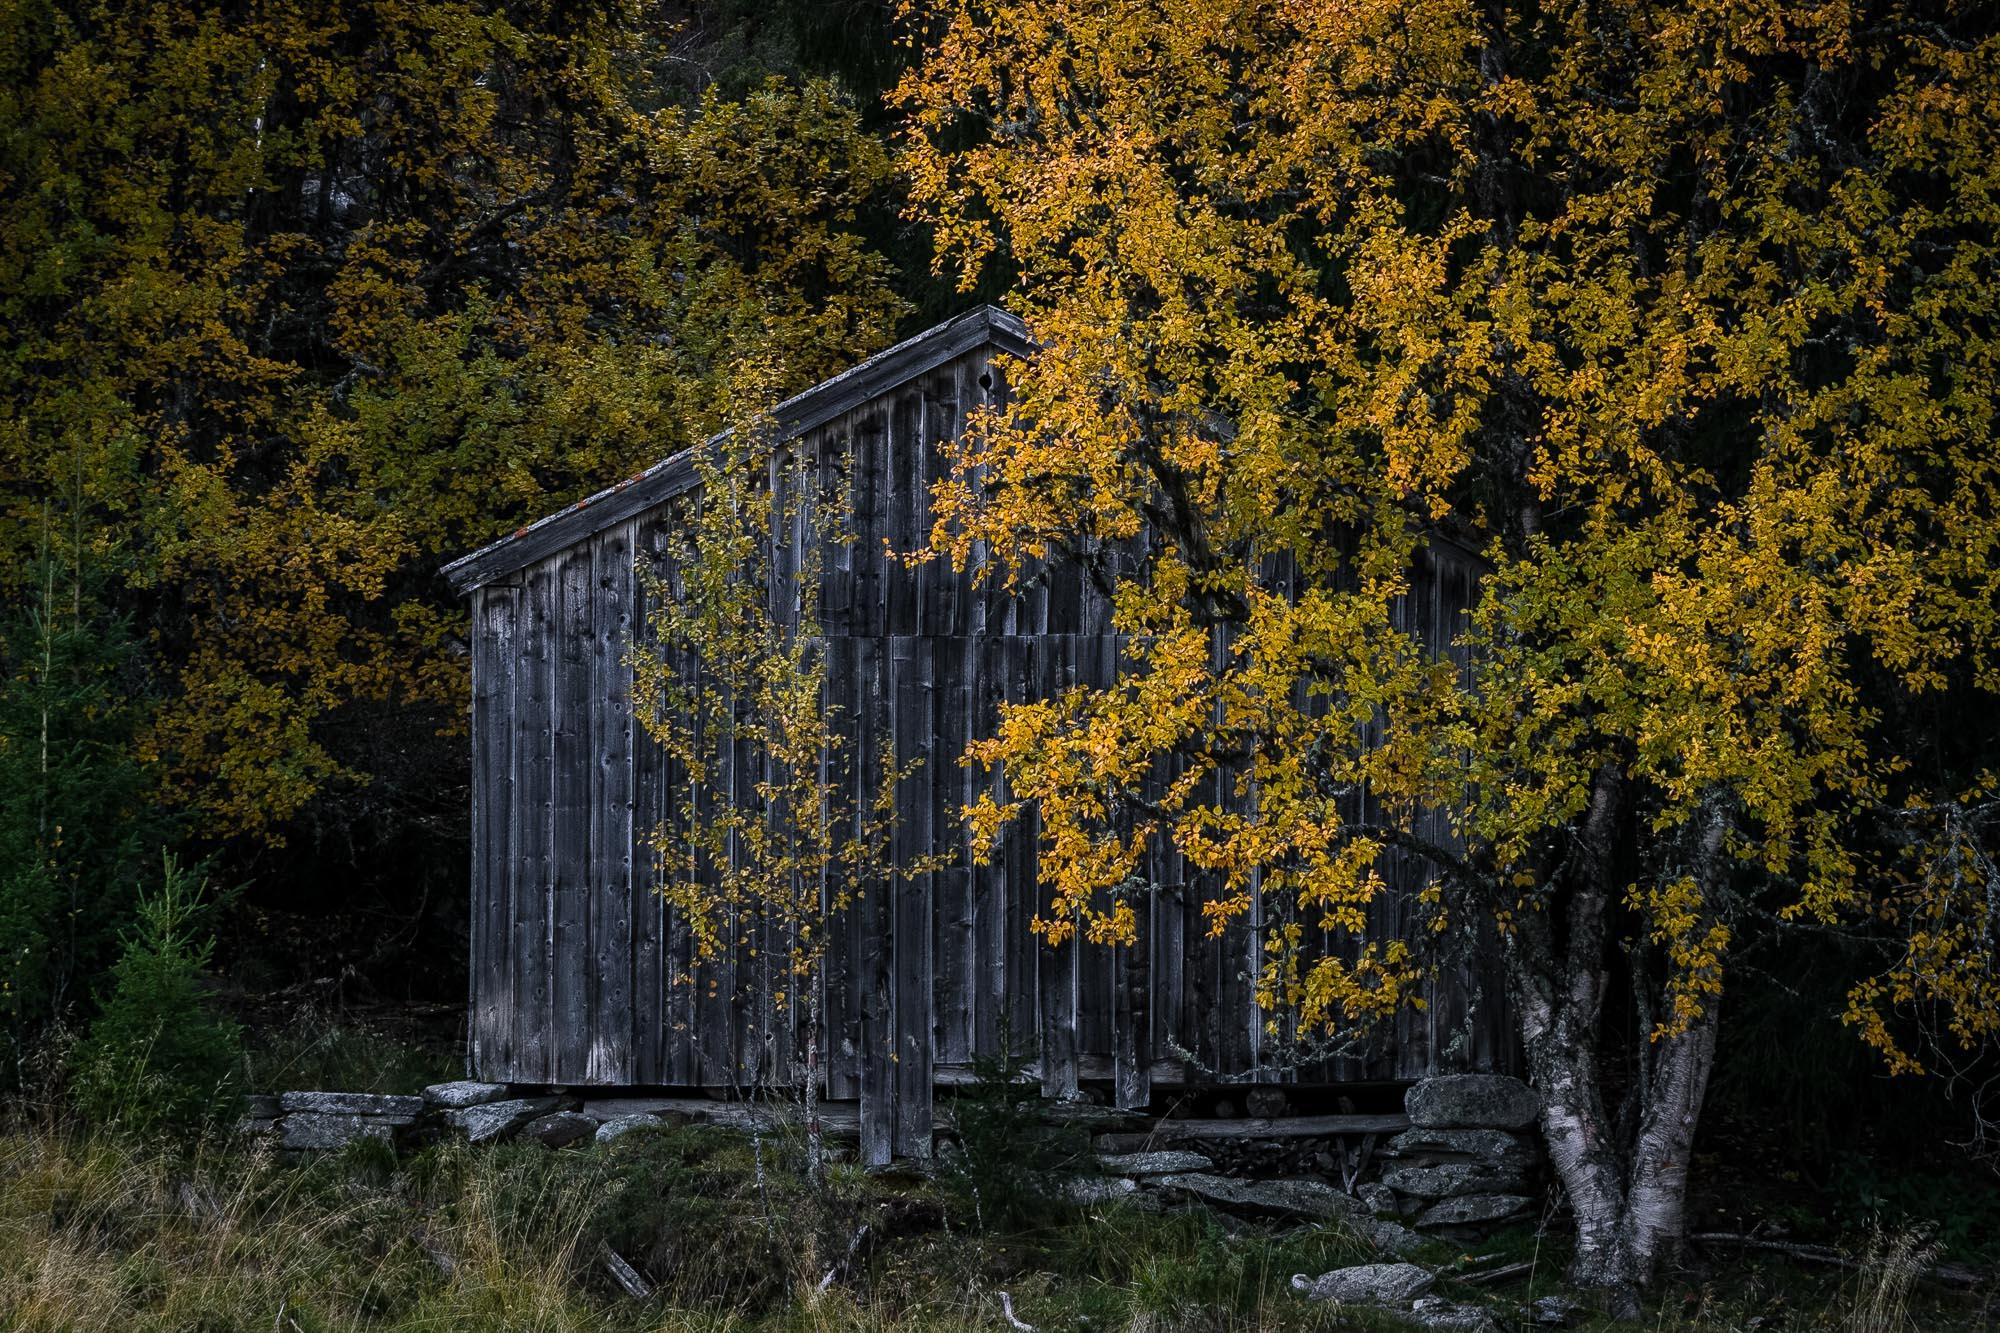 Den gamle låven til bestefar på Skotten, ei koselig setergrend i Ringebu. Opprinnelig var det rundt 40 setrer her, men noen er nå borte. Bildet ble tatt en gul høstdag i september.